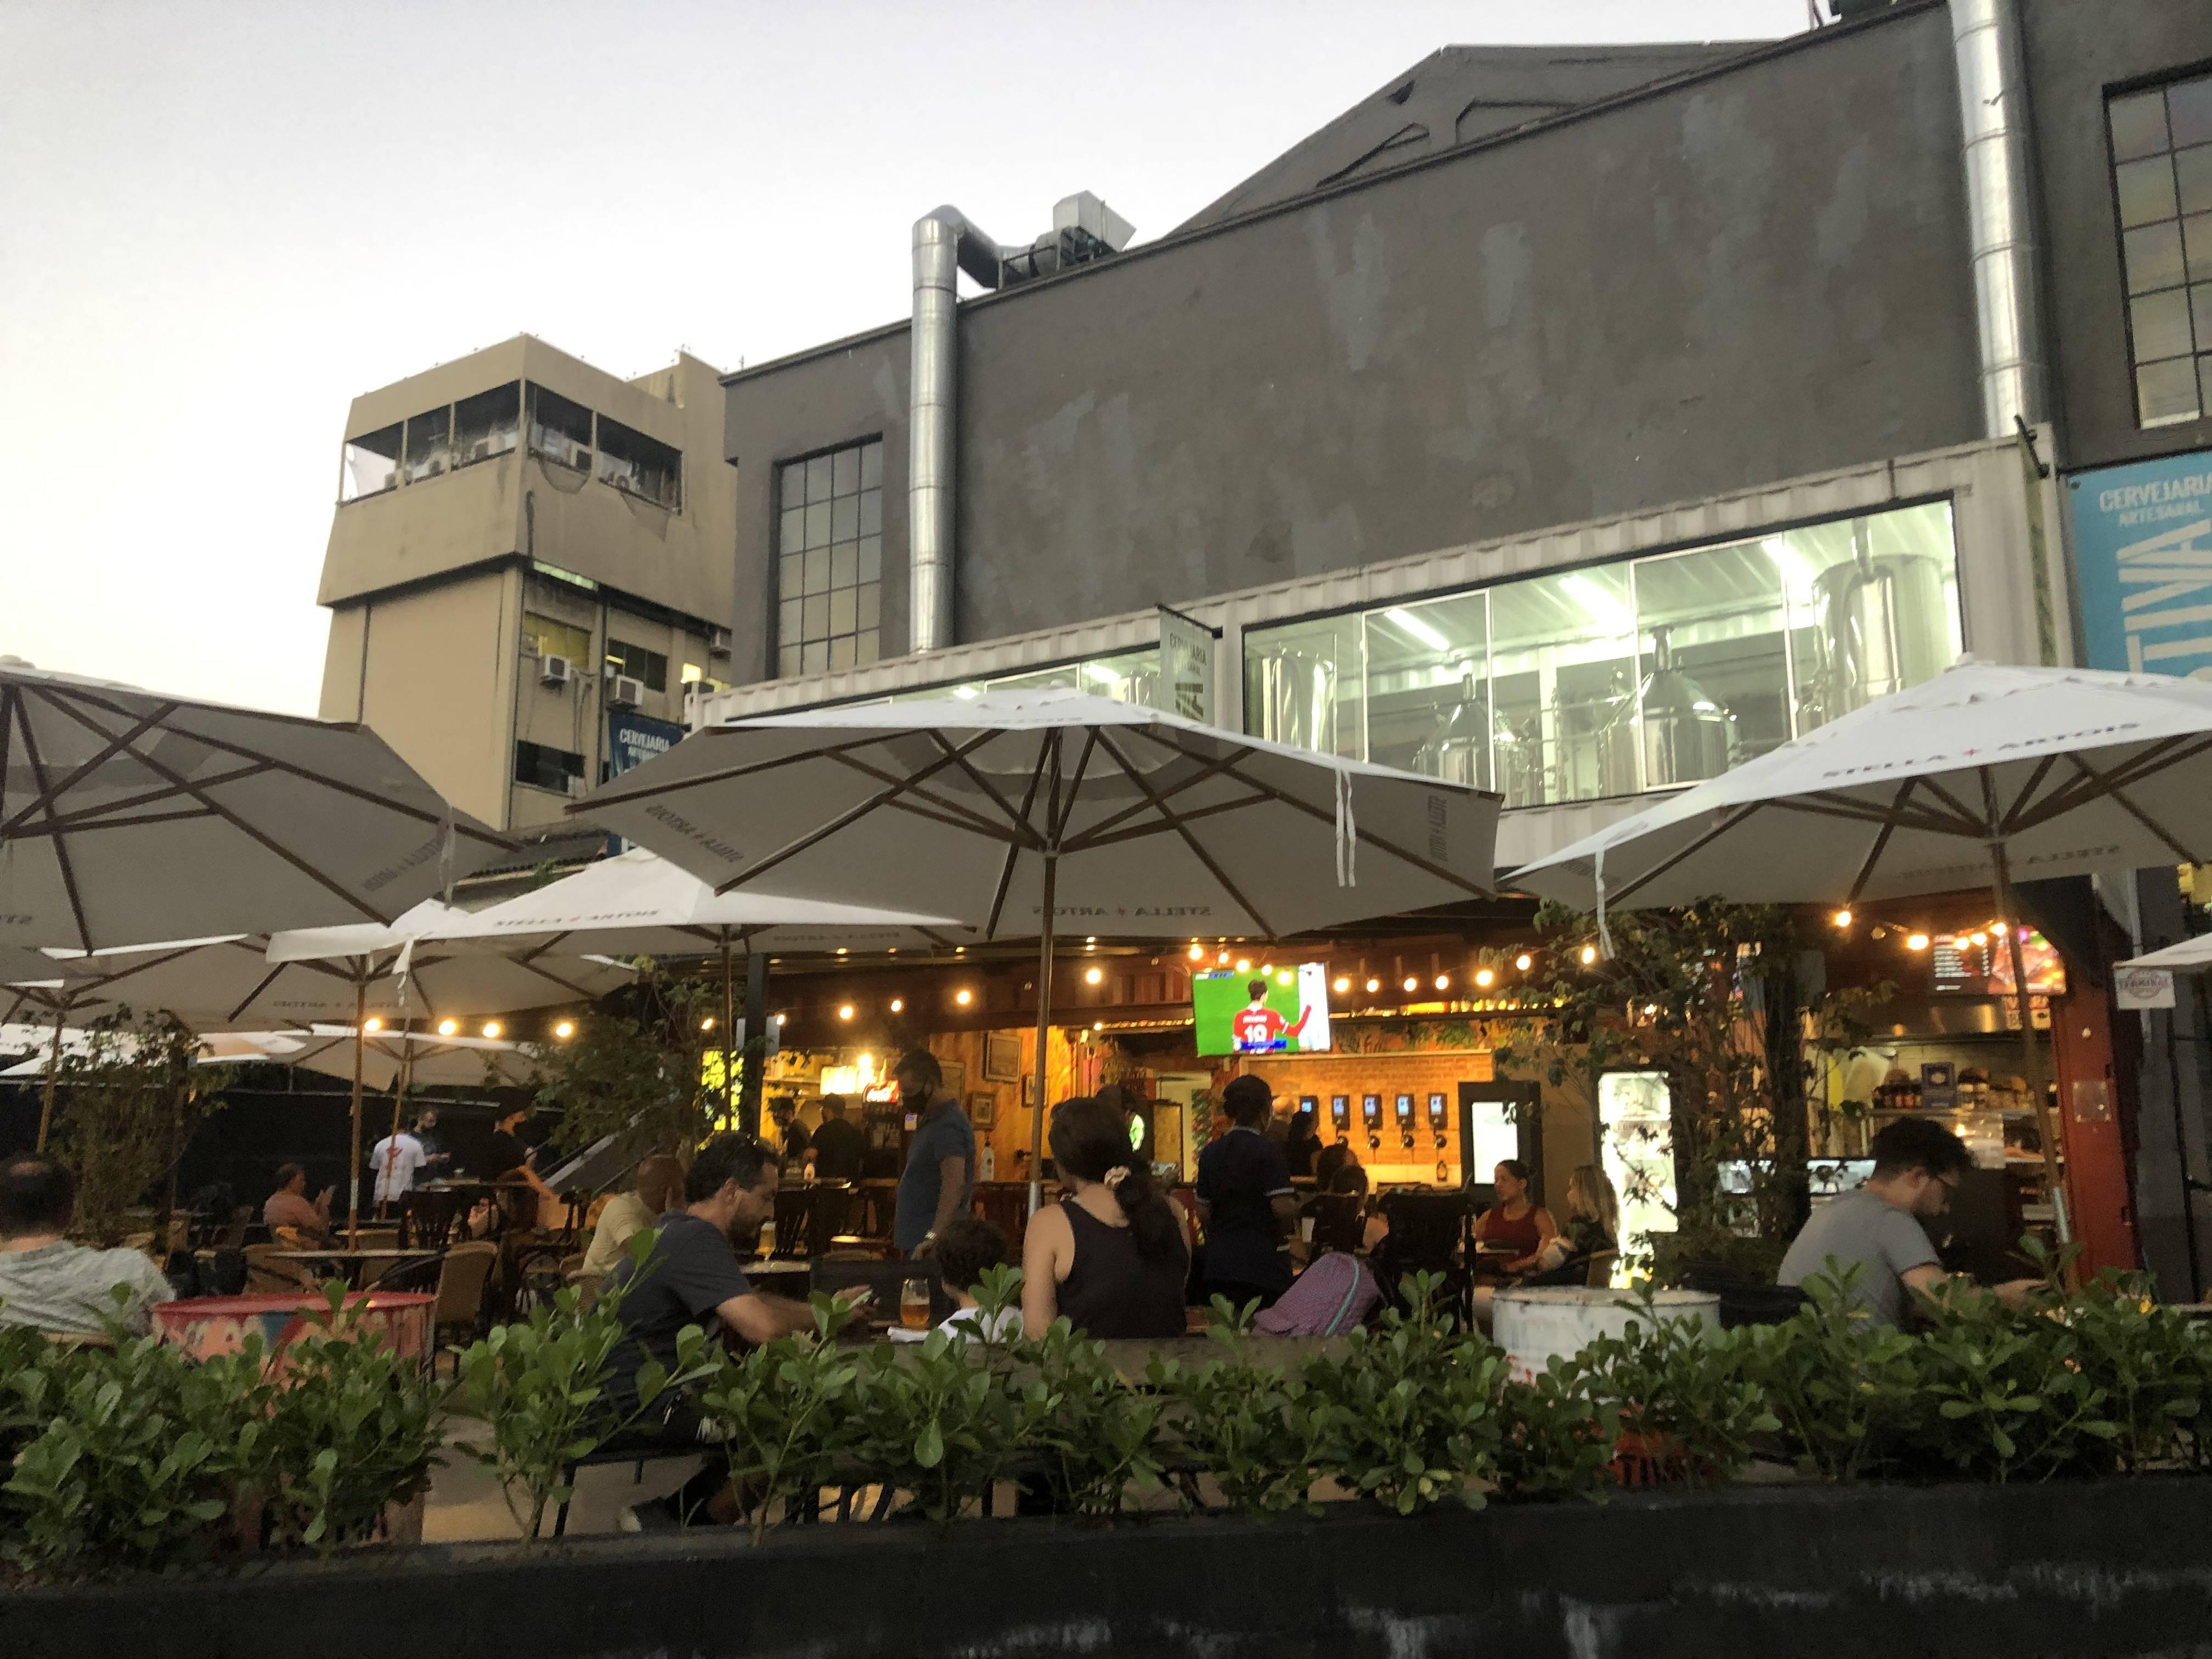 www.juicysantos.com.br - praia palace lugares para beber em santos ao ar livre